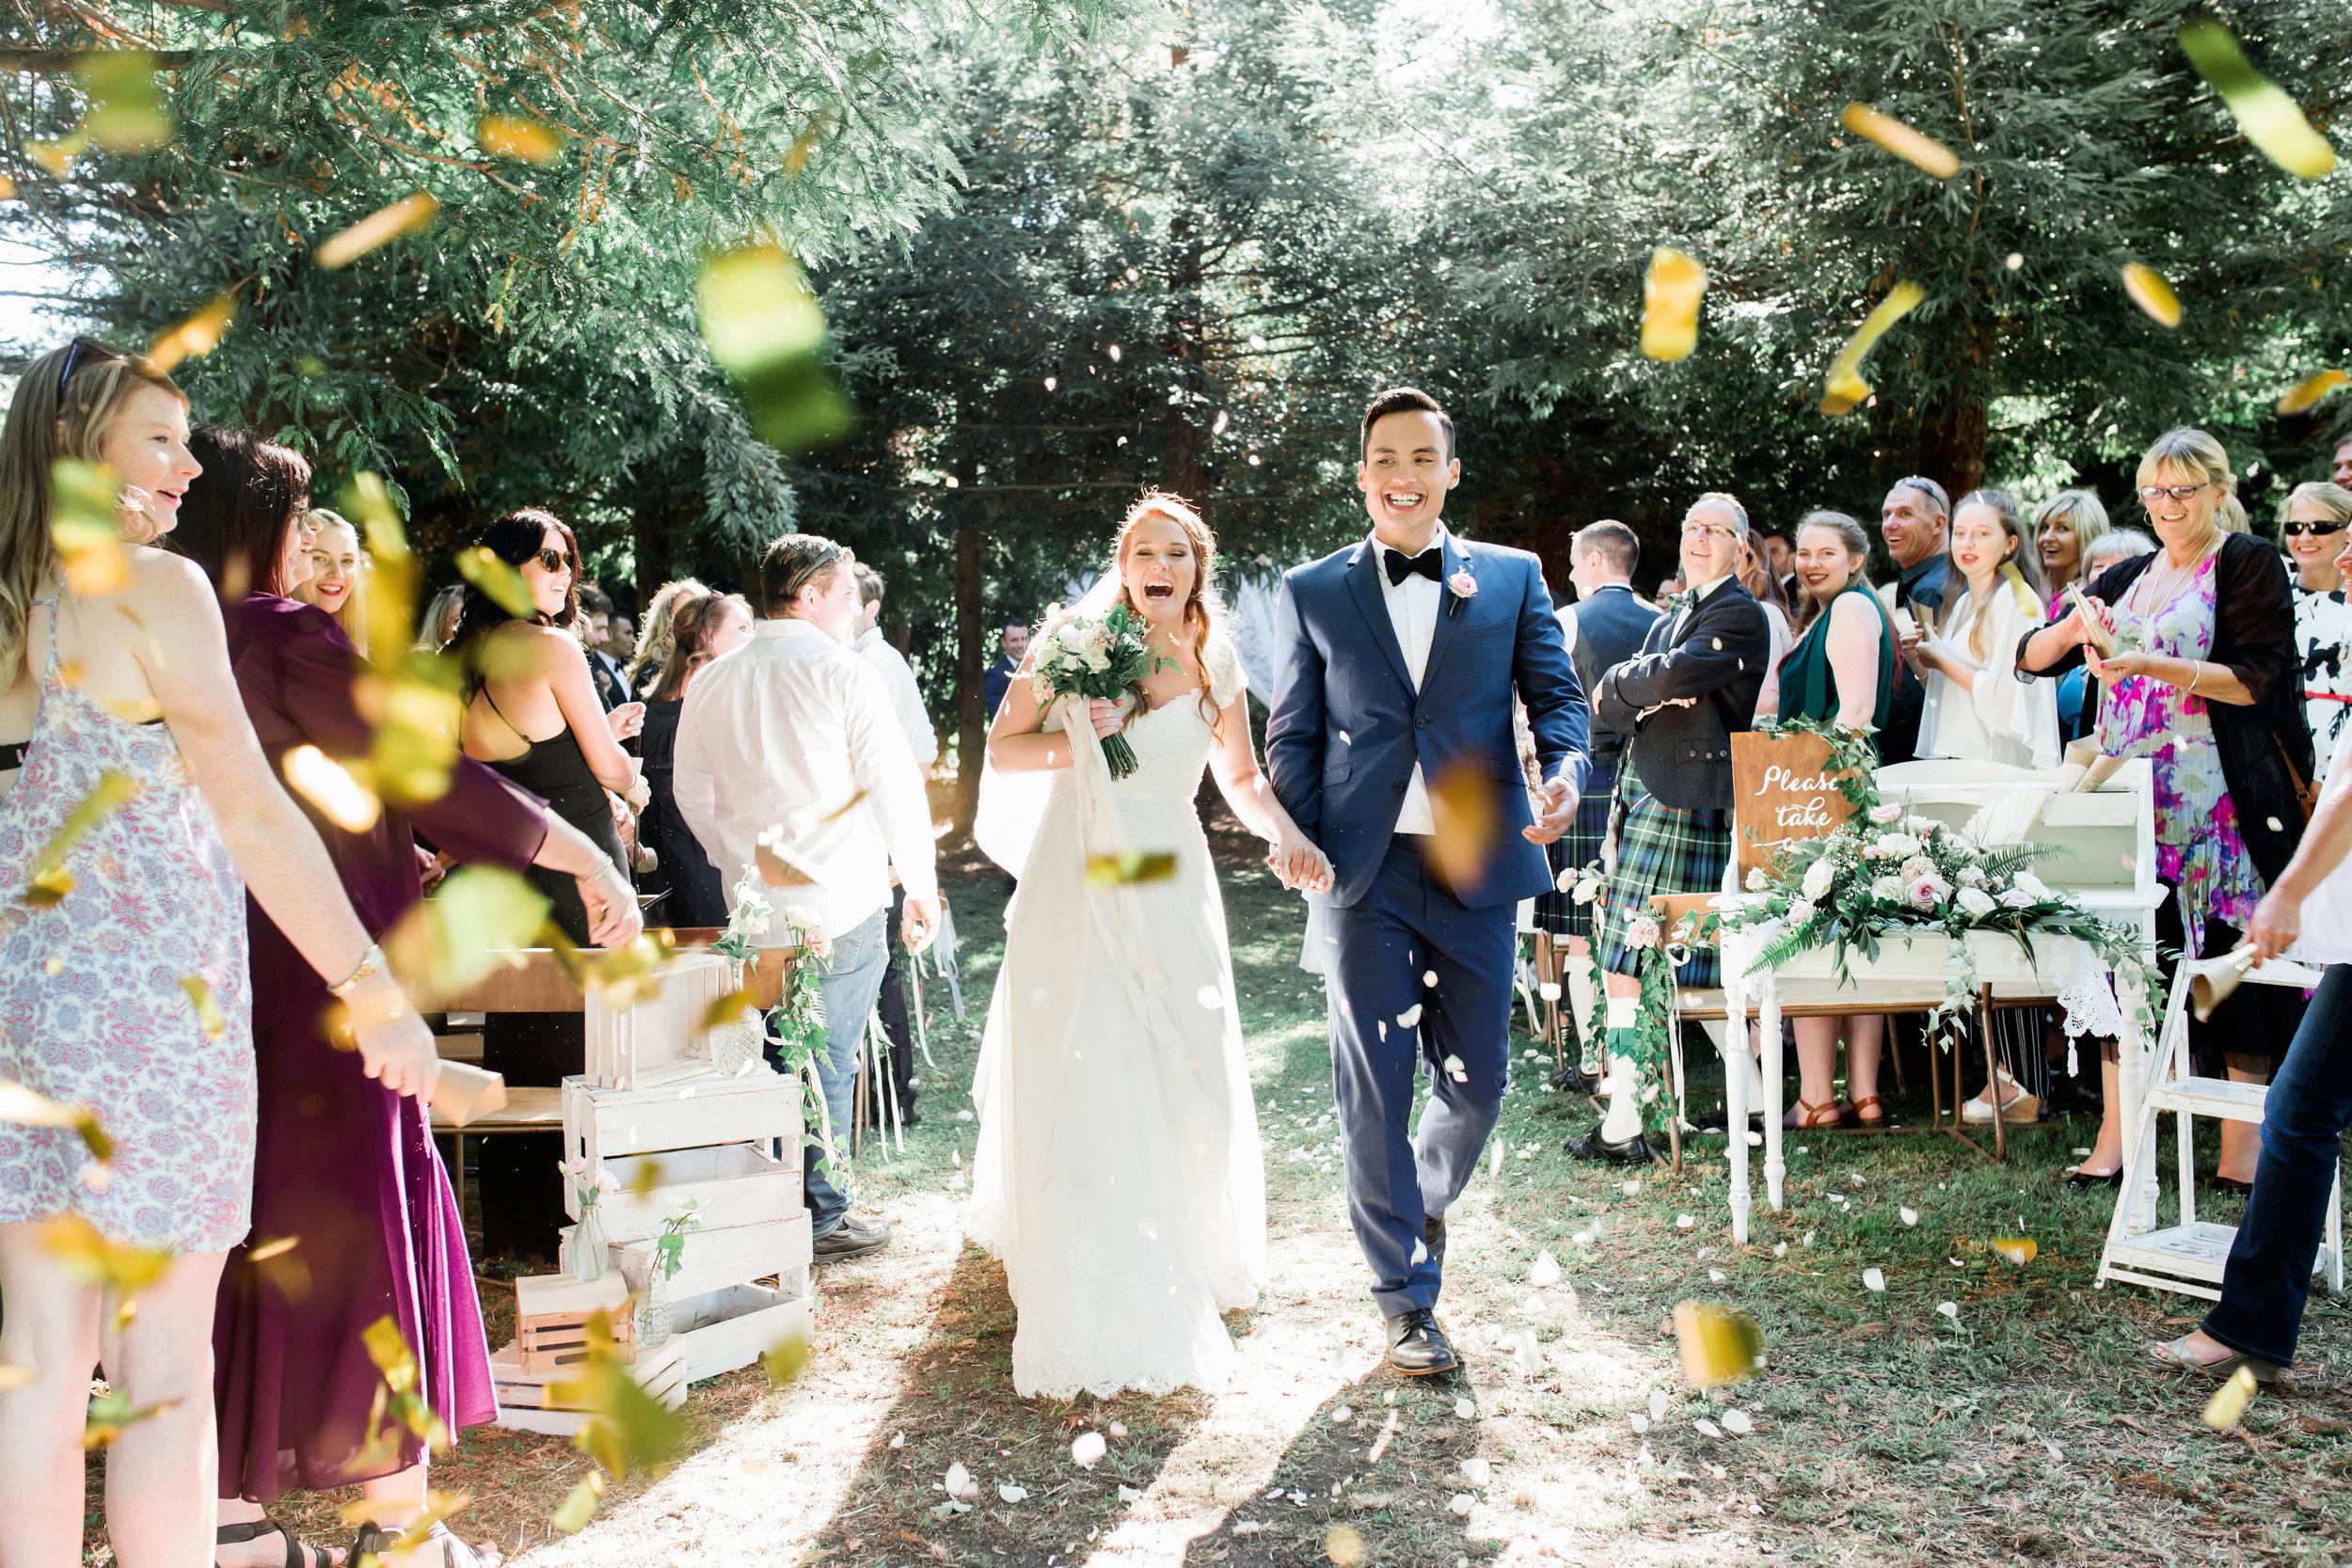 LIAH&JOHN_HUGHES_WEDDING_372.jpg